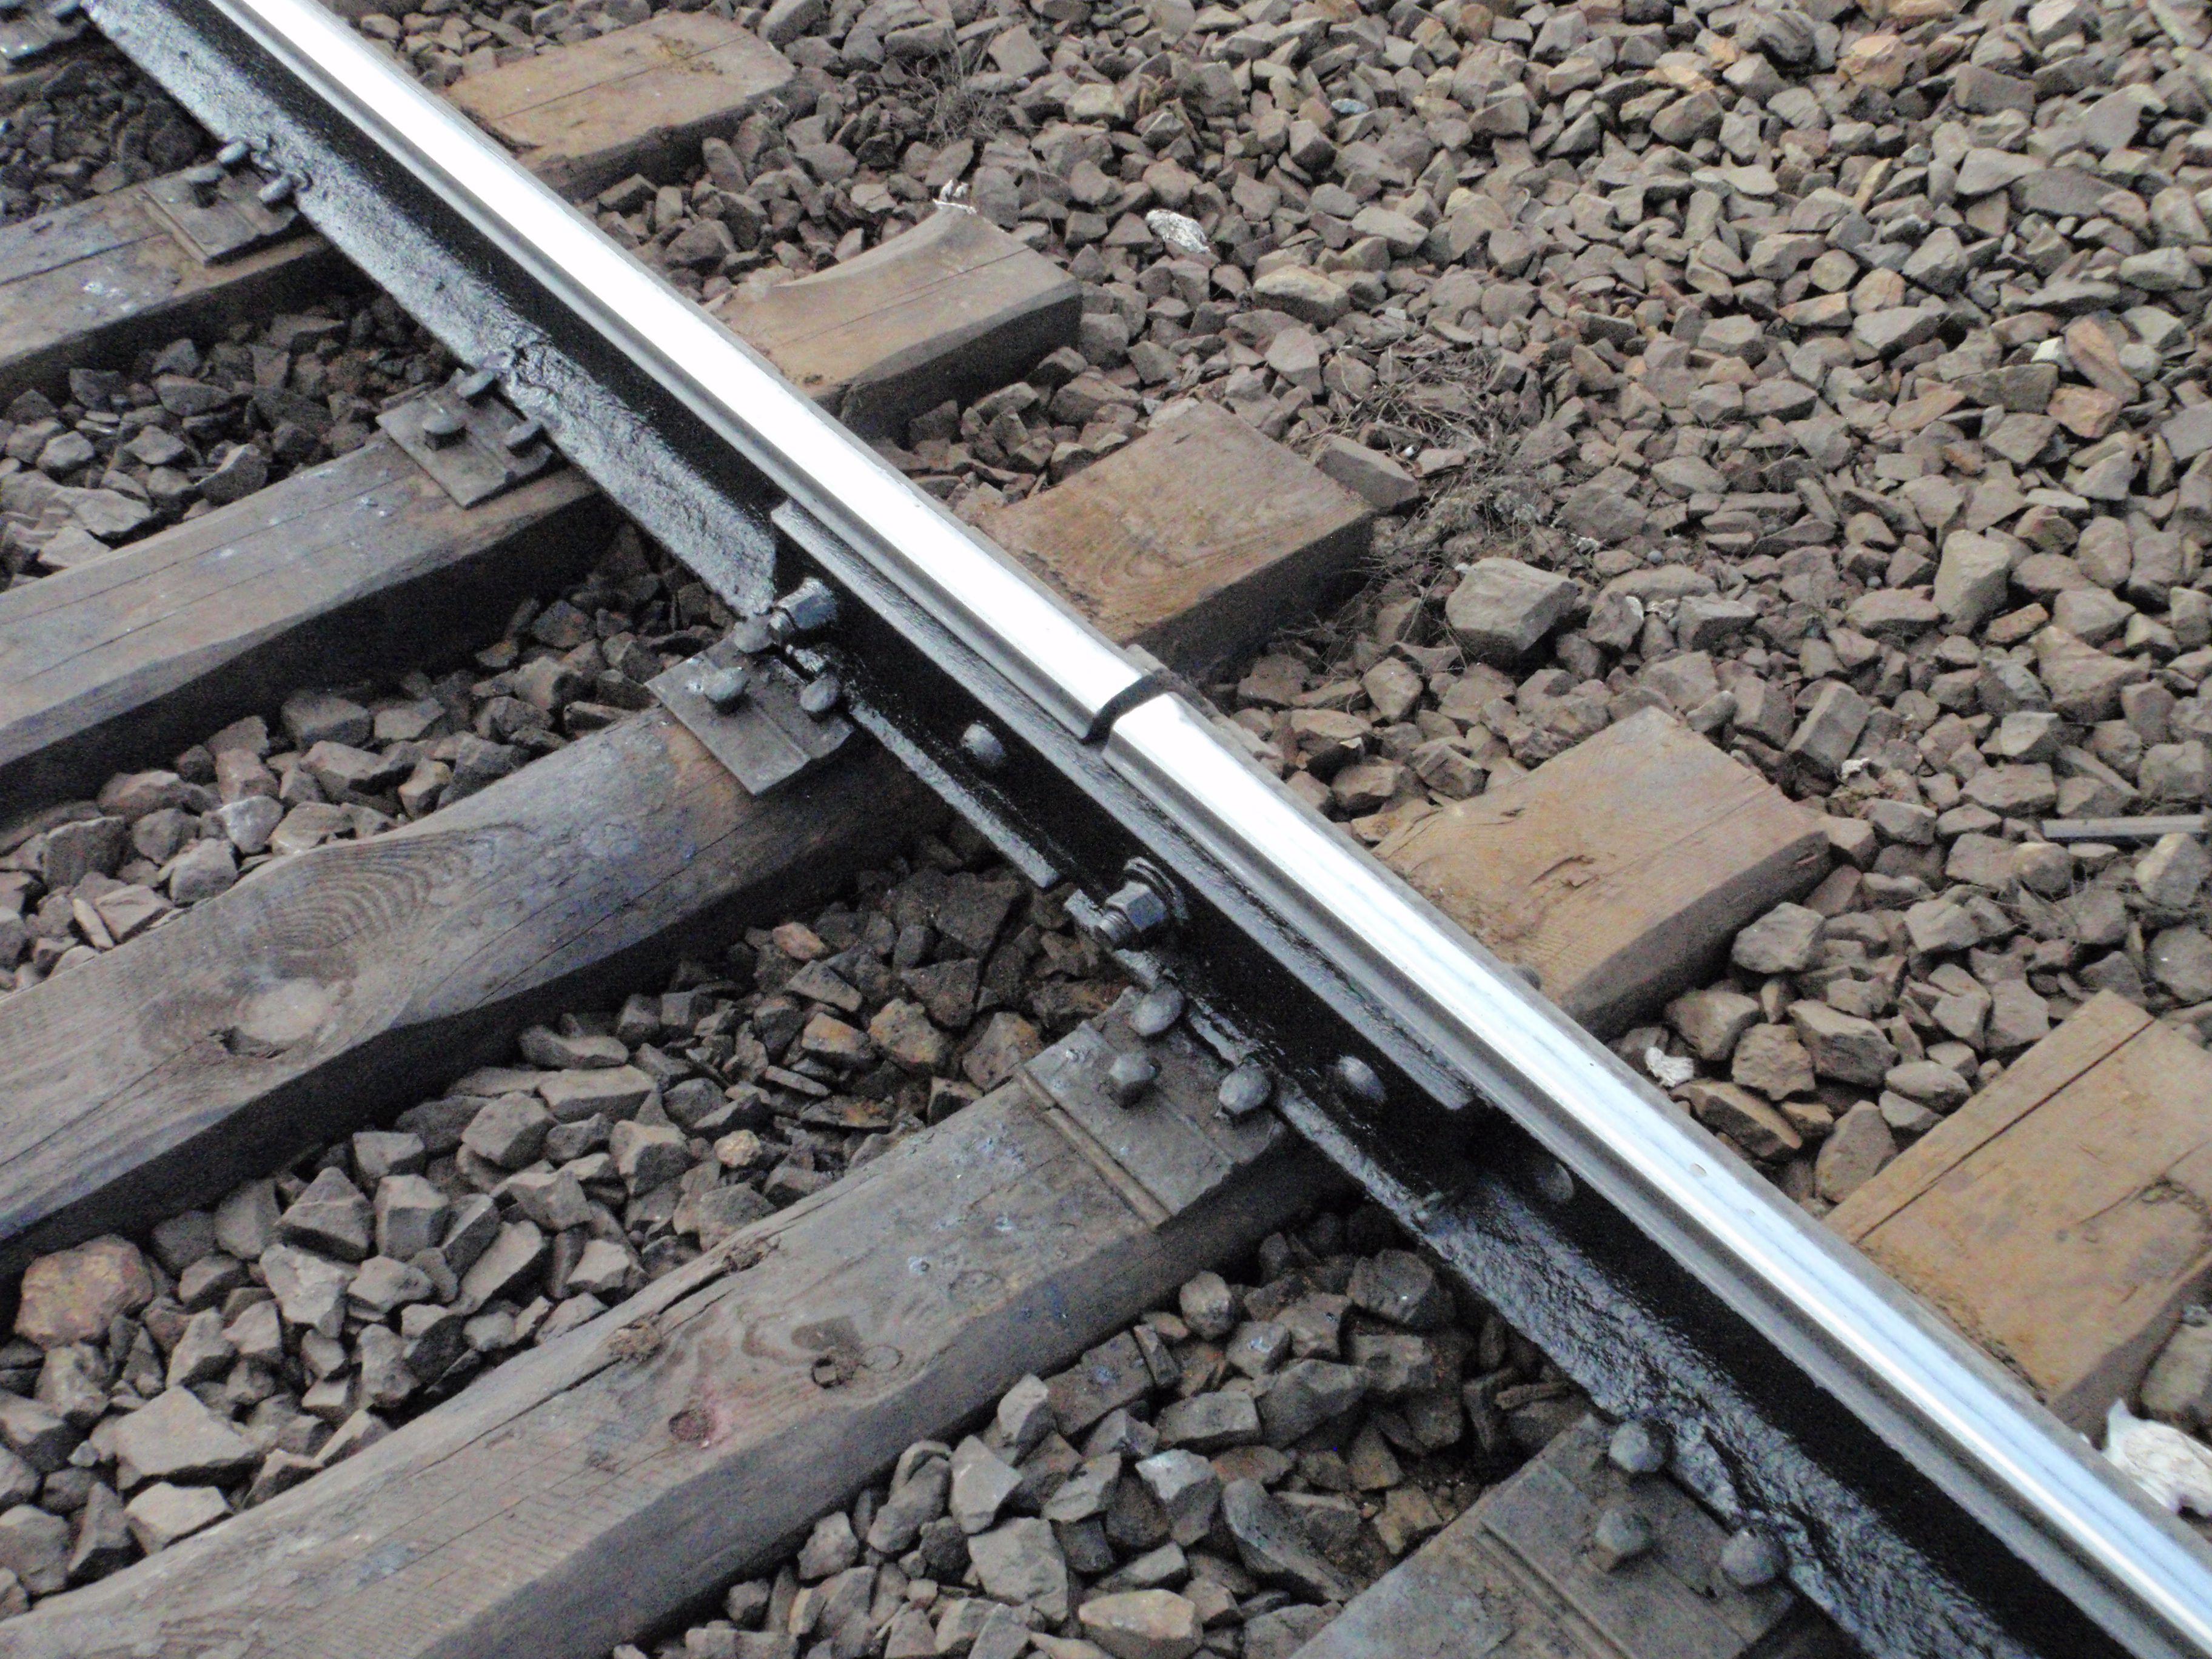 На Кіровоградщині відкрили кримінальне провадження через дії службовців залізниці